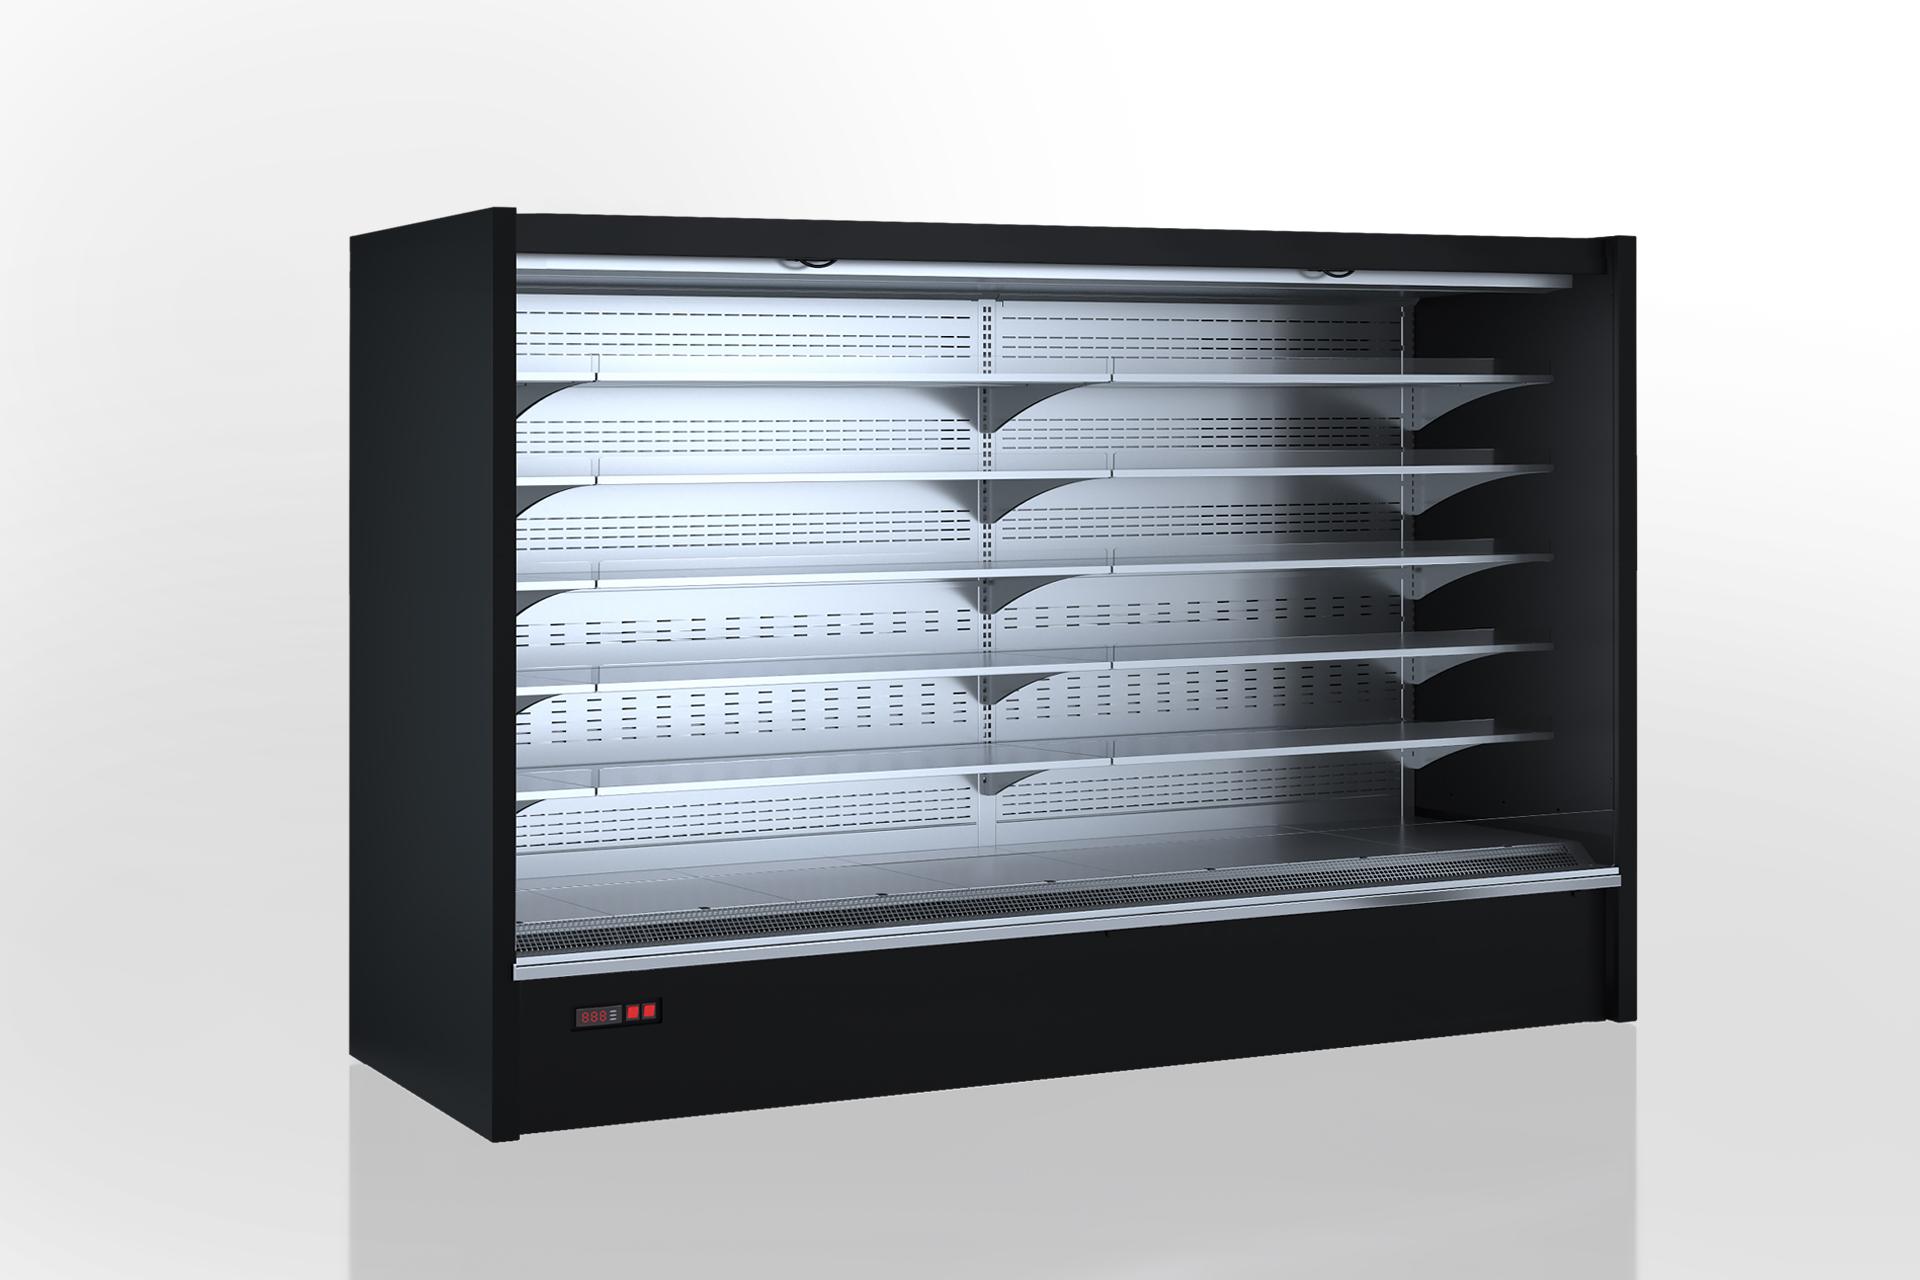 Холодильні напіввертикальні вітрини ASV 070 MT O 170-DLM/DLA